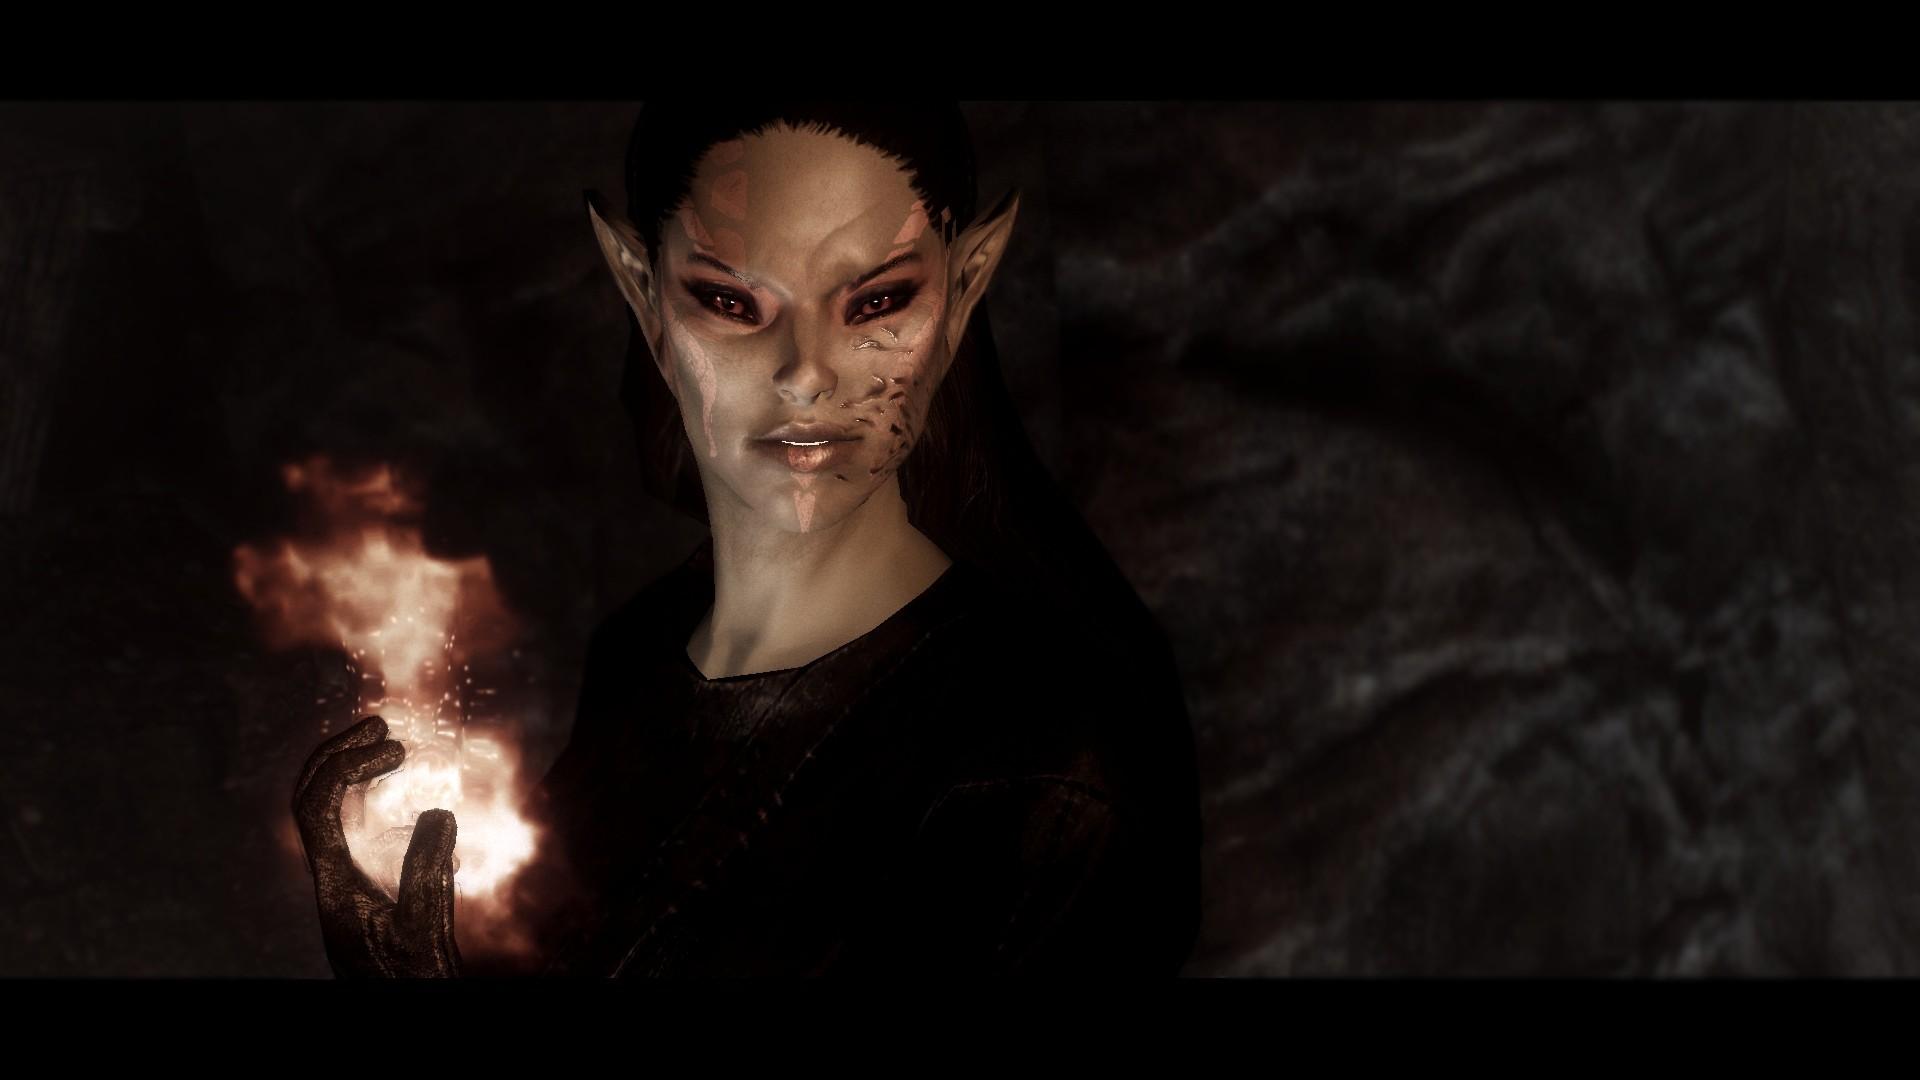 The Dark Elf by deathknowz The Dark Elf by deathknowz